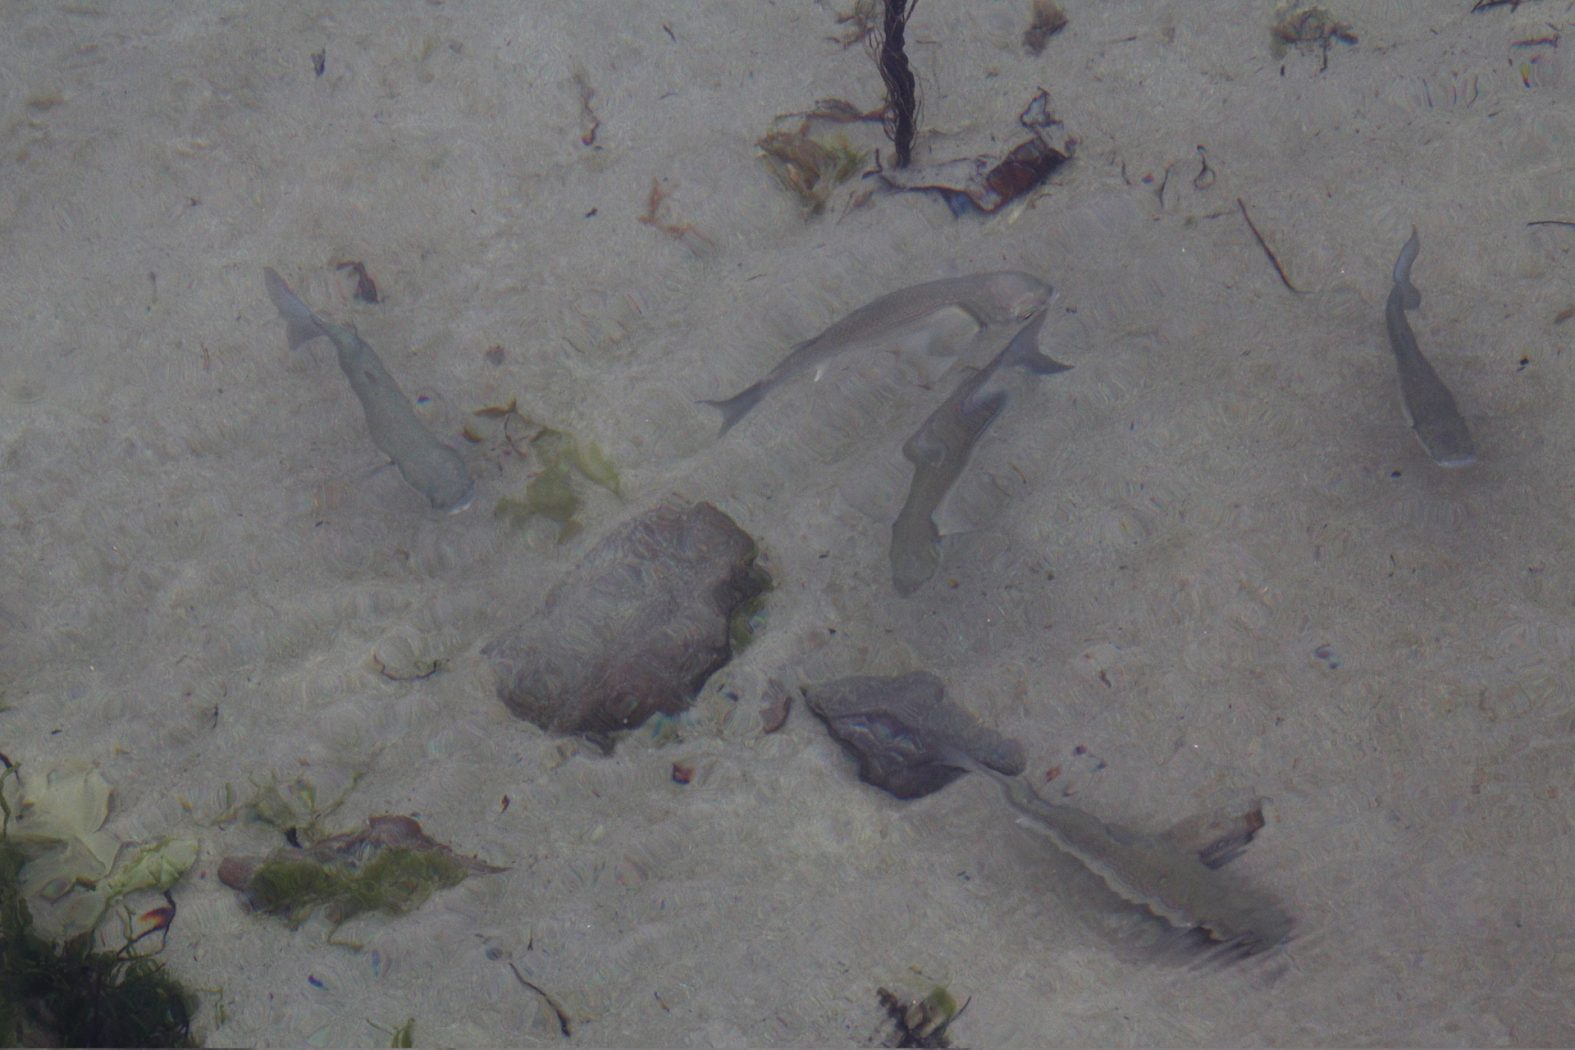 Meeräschen angeln in Irland